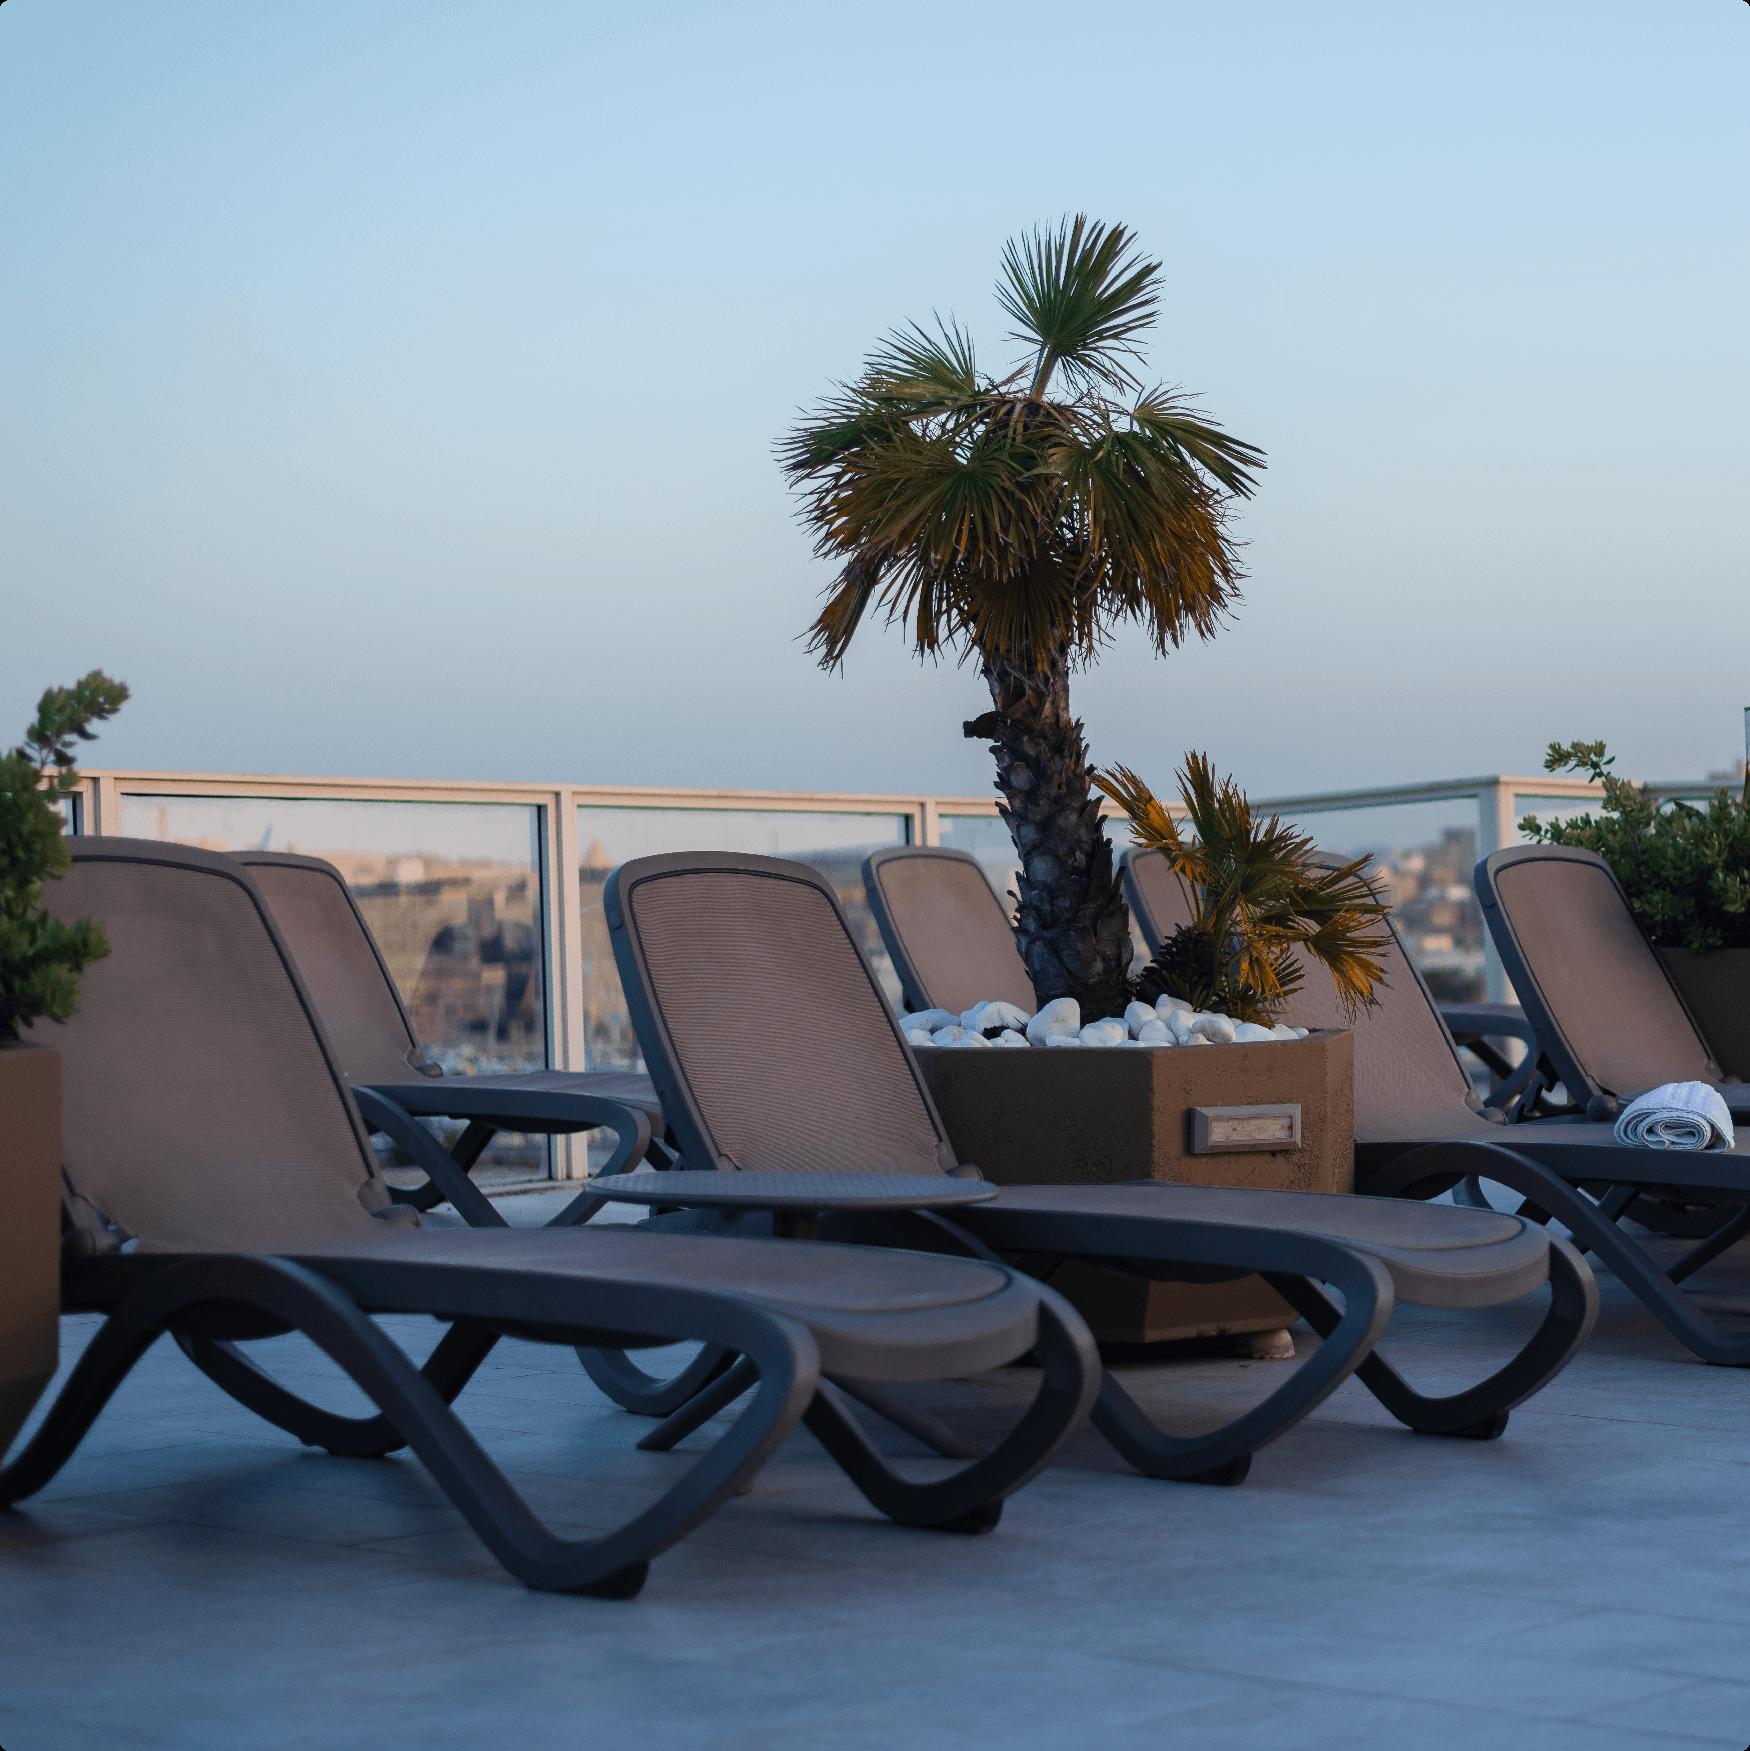 Sthotels pool